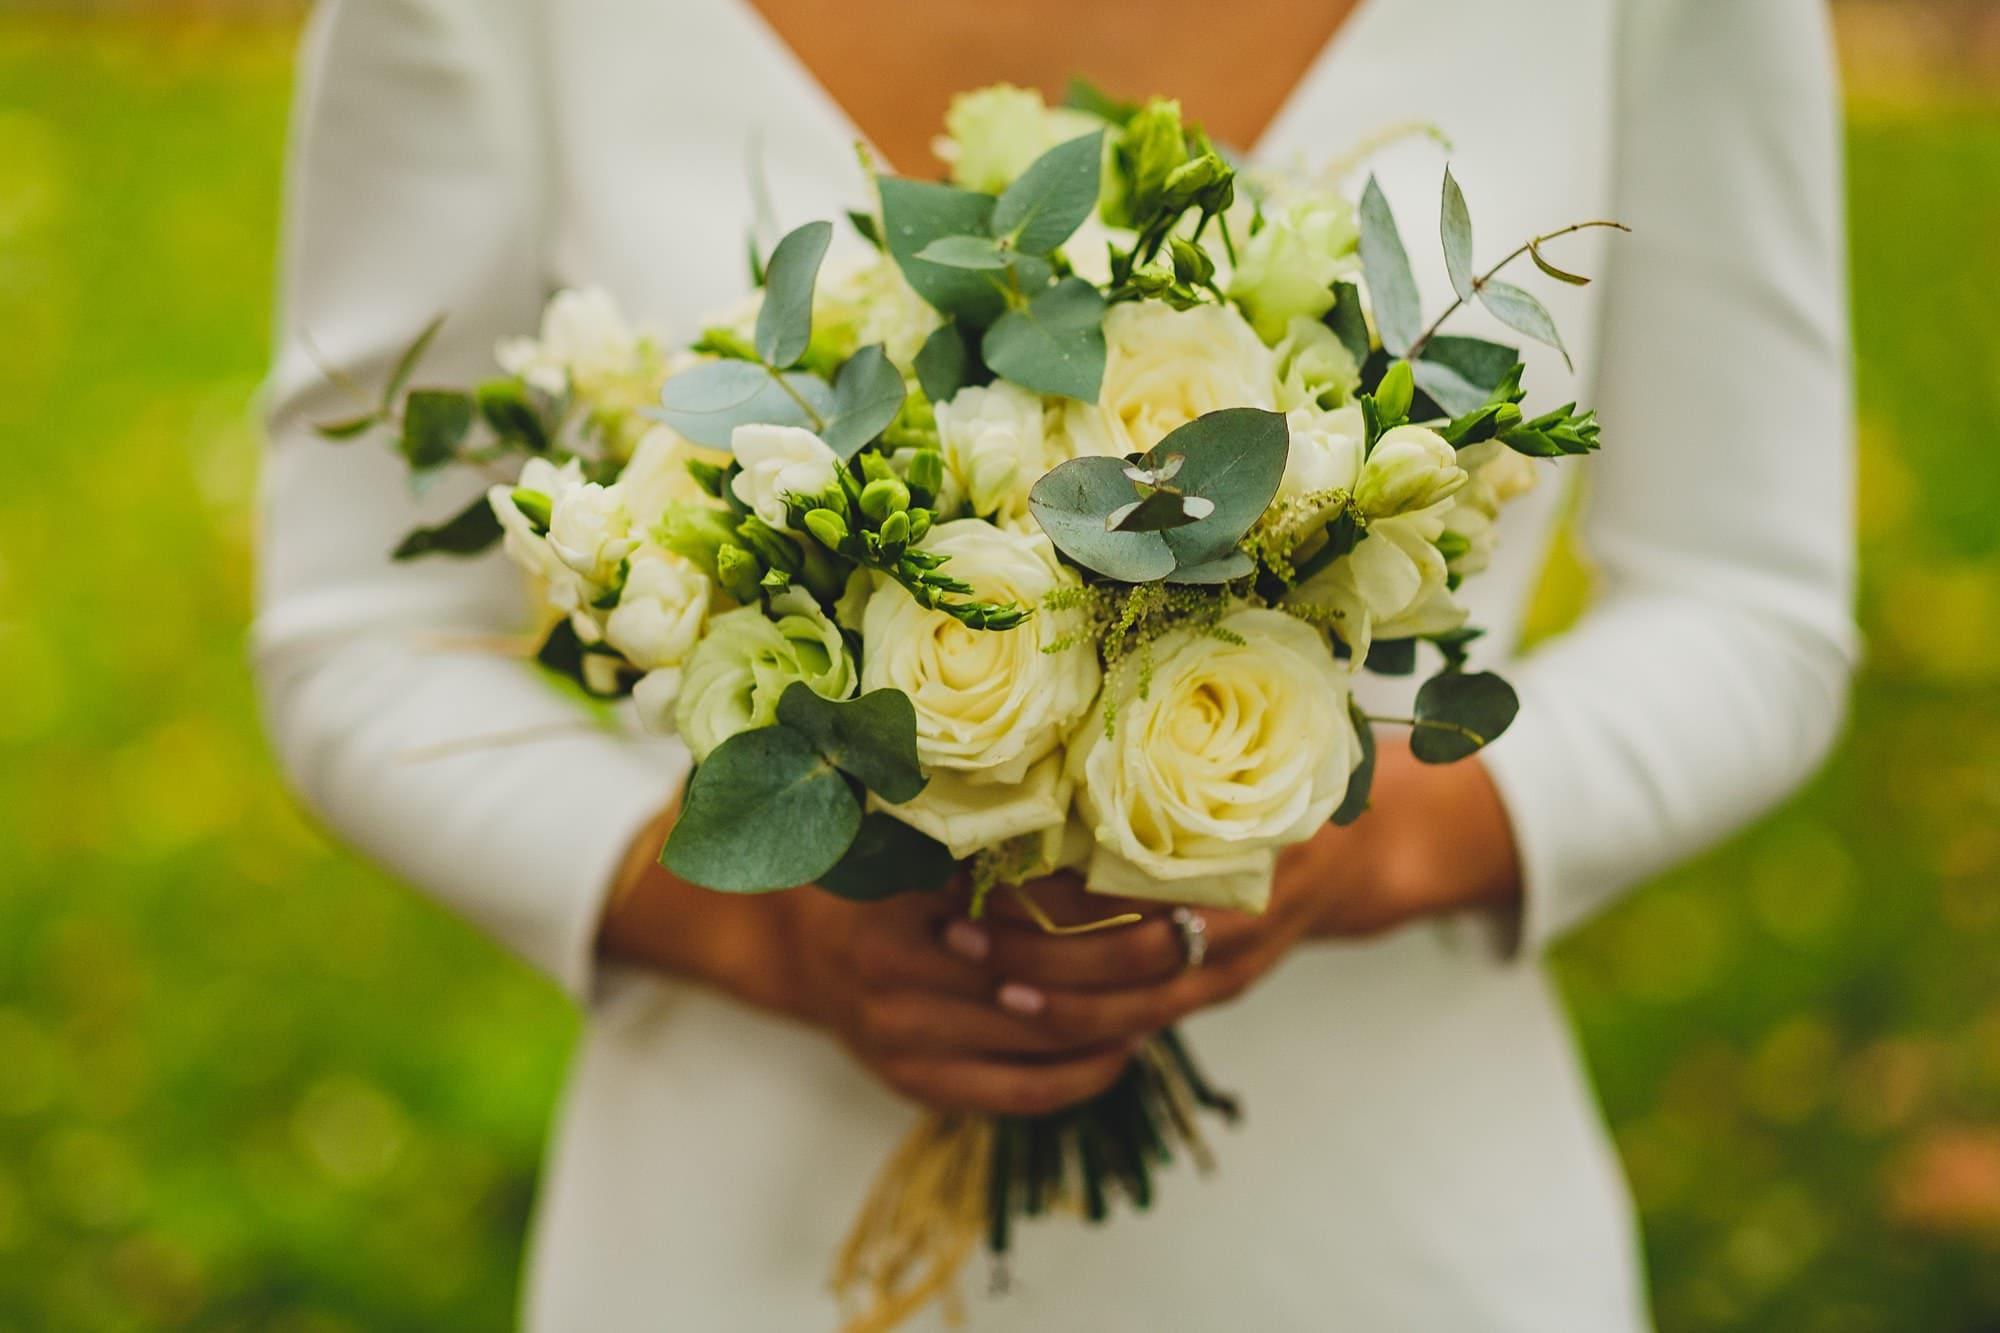 fulham palace wedding photographer ok 061 - Olivia + Kyle